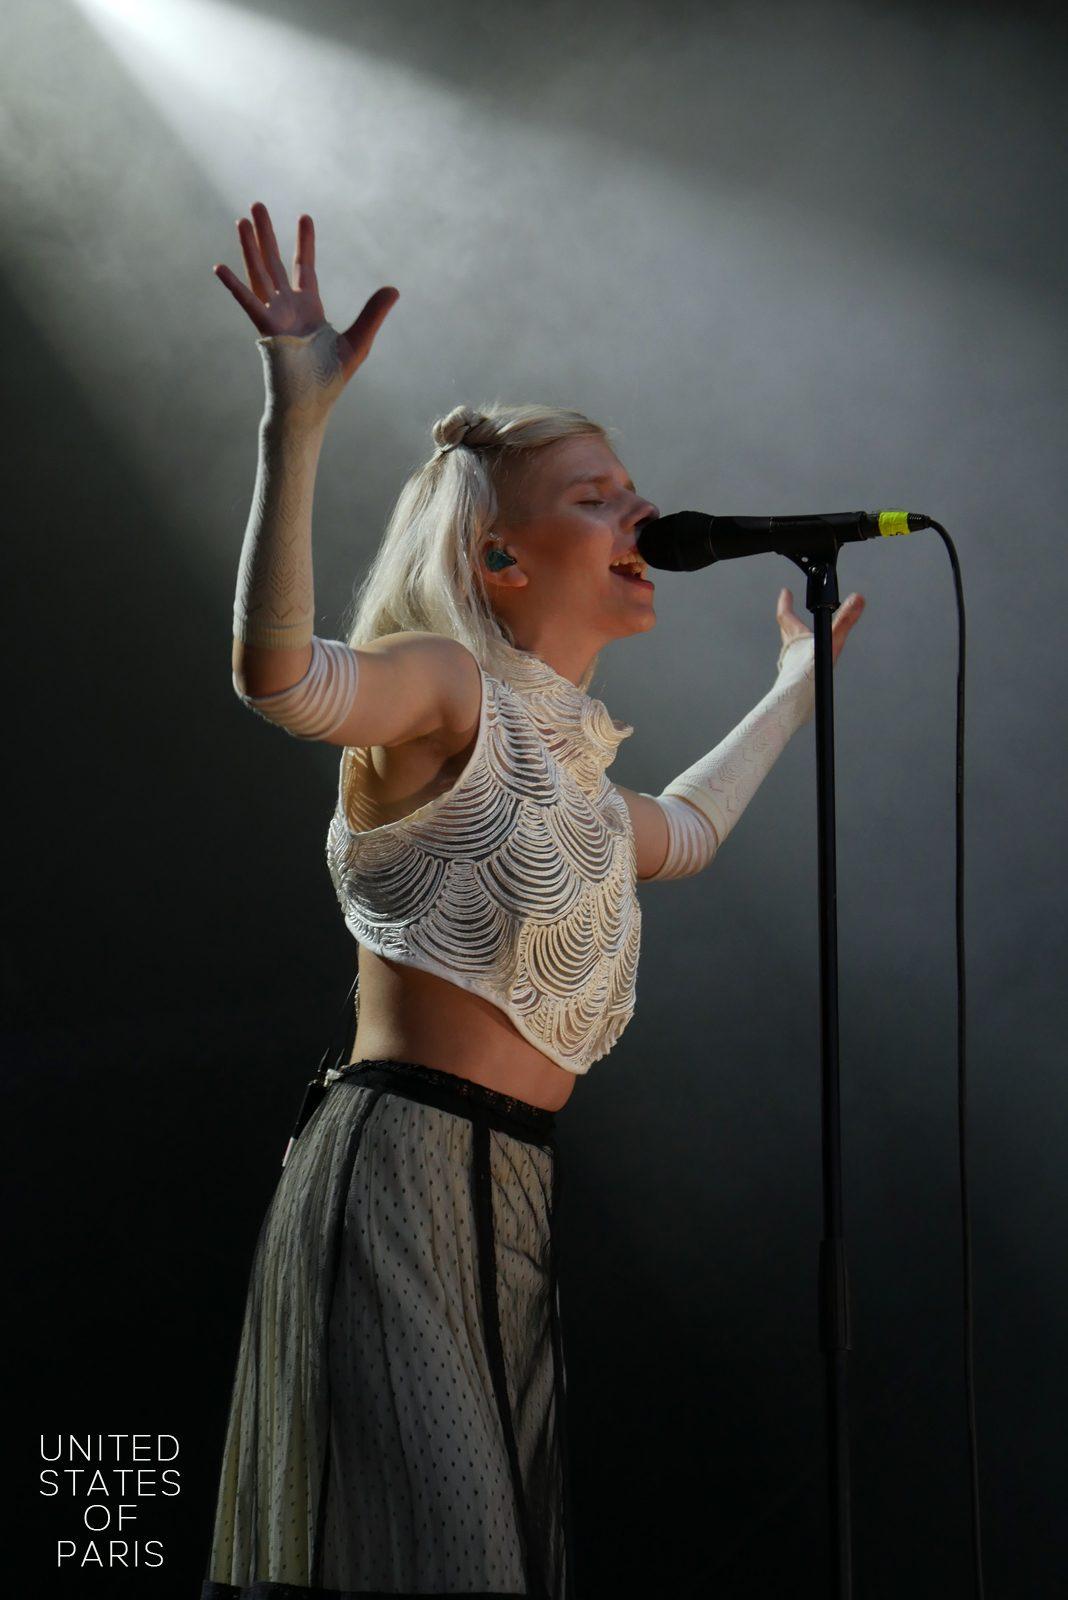 Aurora music concert Rock en Seine 2016 stage photo united states of paris blog